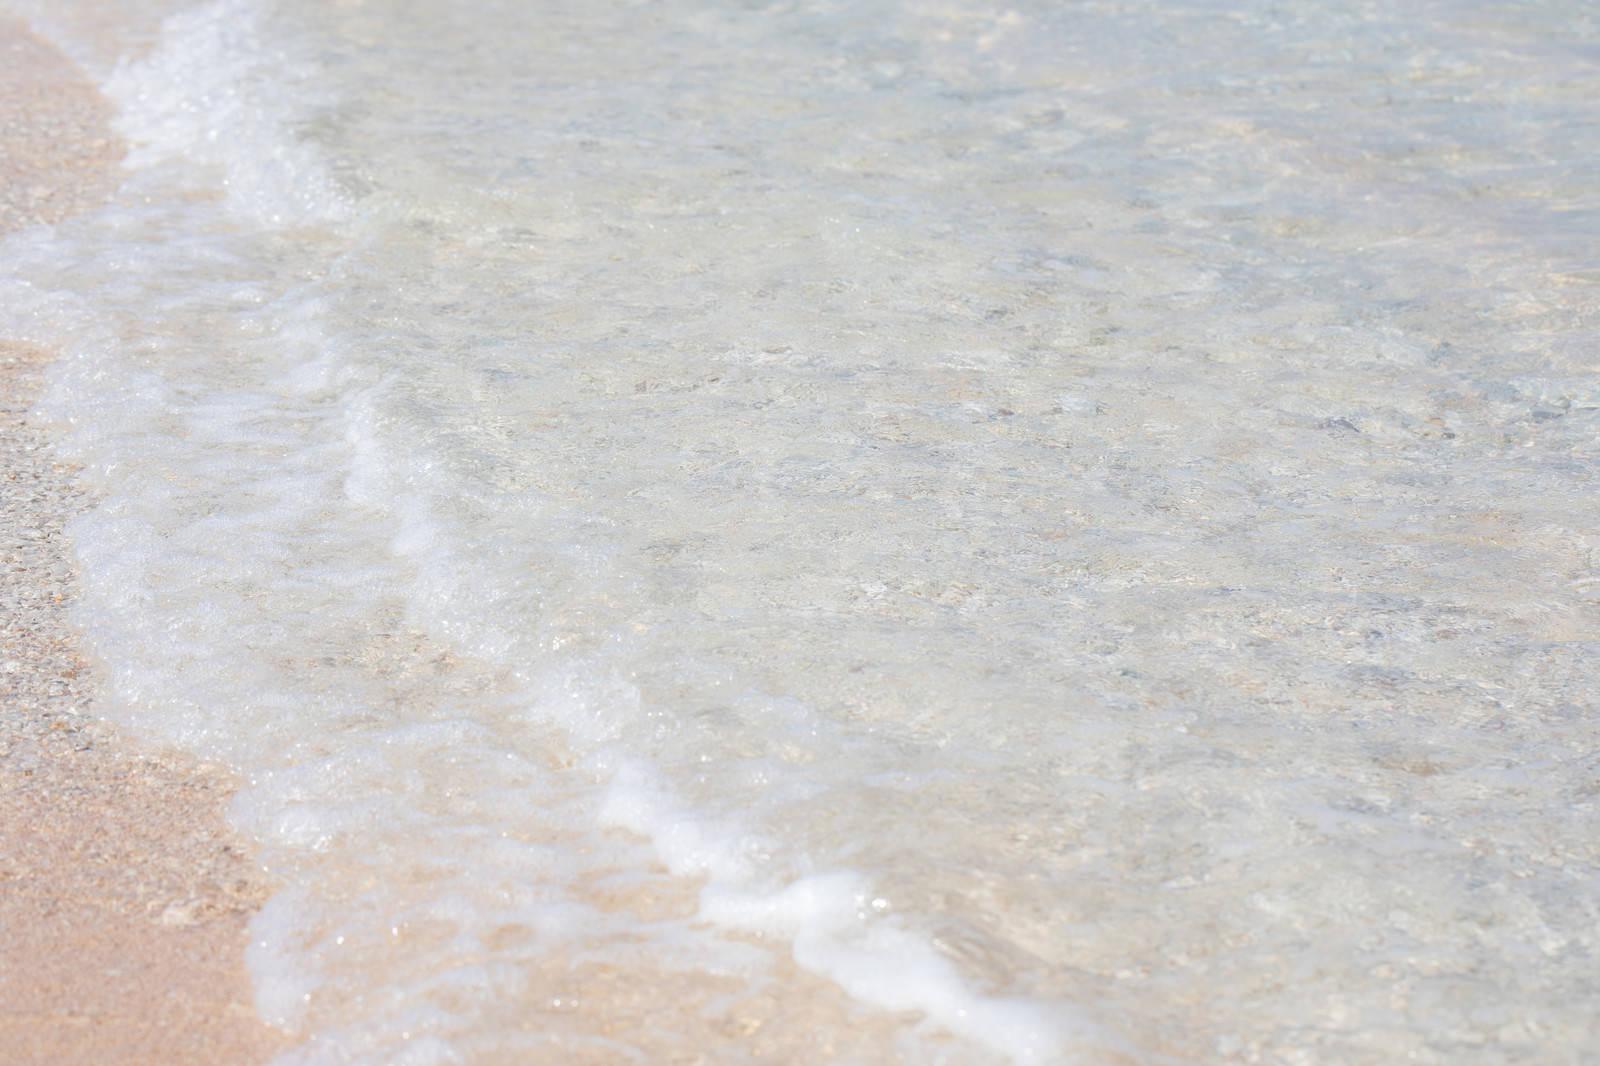 「透き通る海と波(波打ち際)」の写真